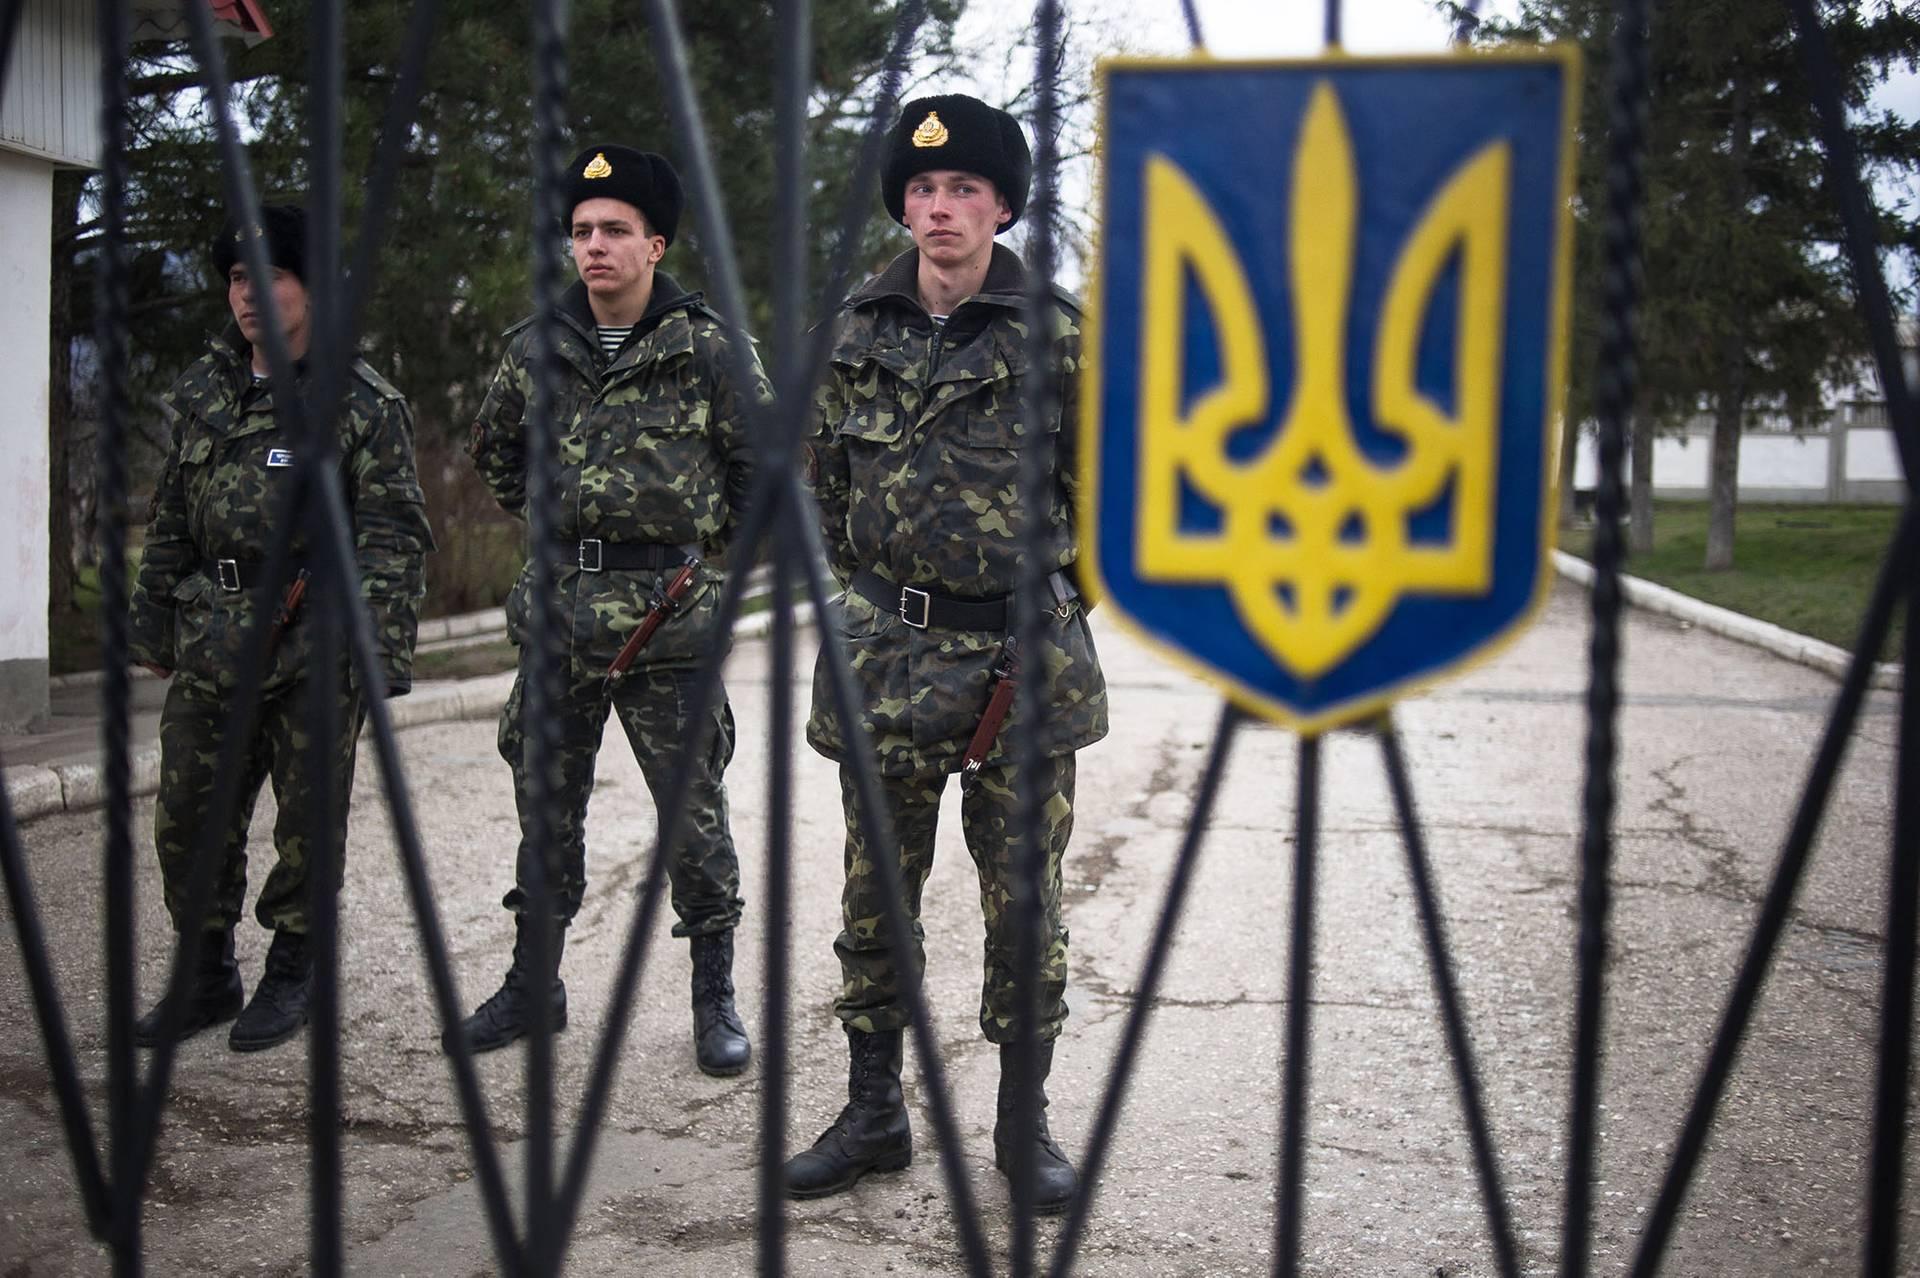 Українські військові на території бази в Перевальному біля Сімферополя, 1 березня 2014 року